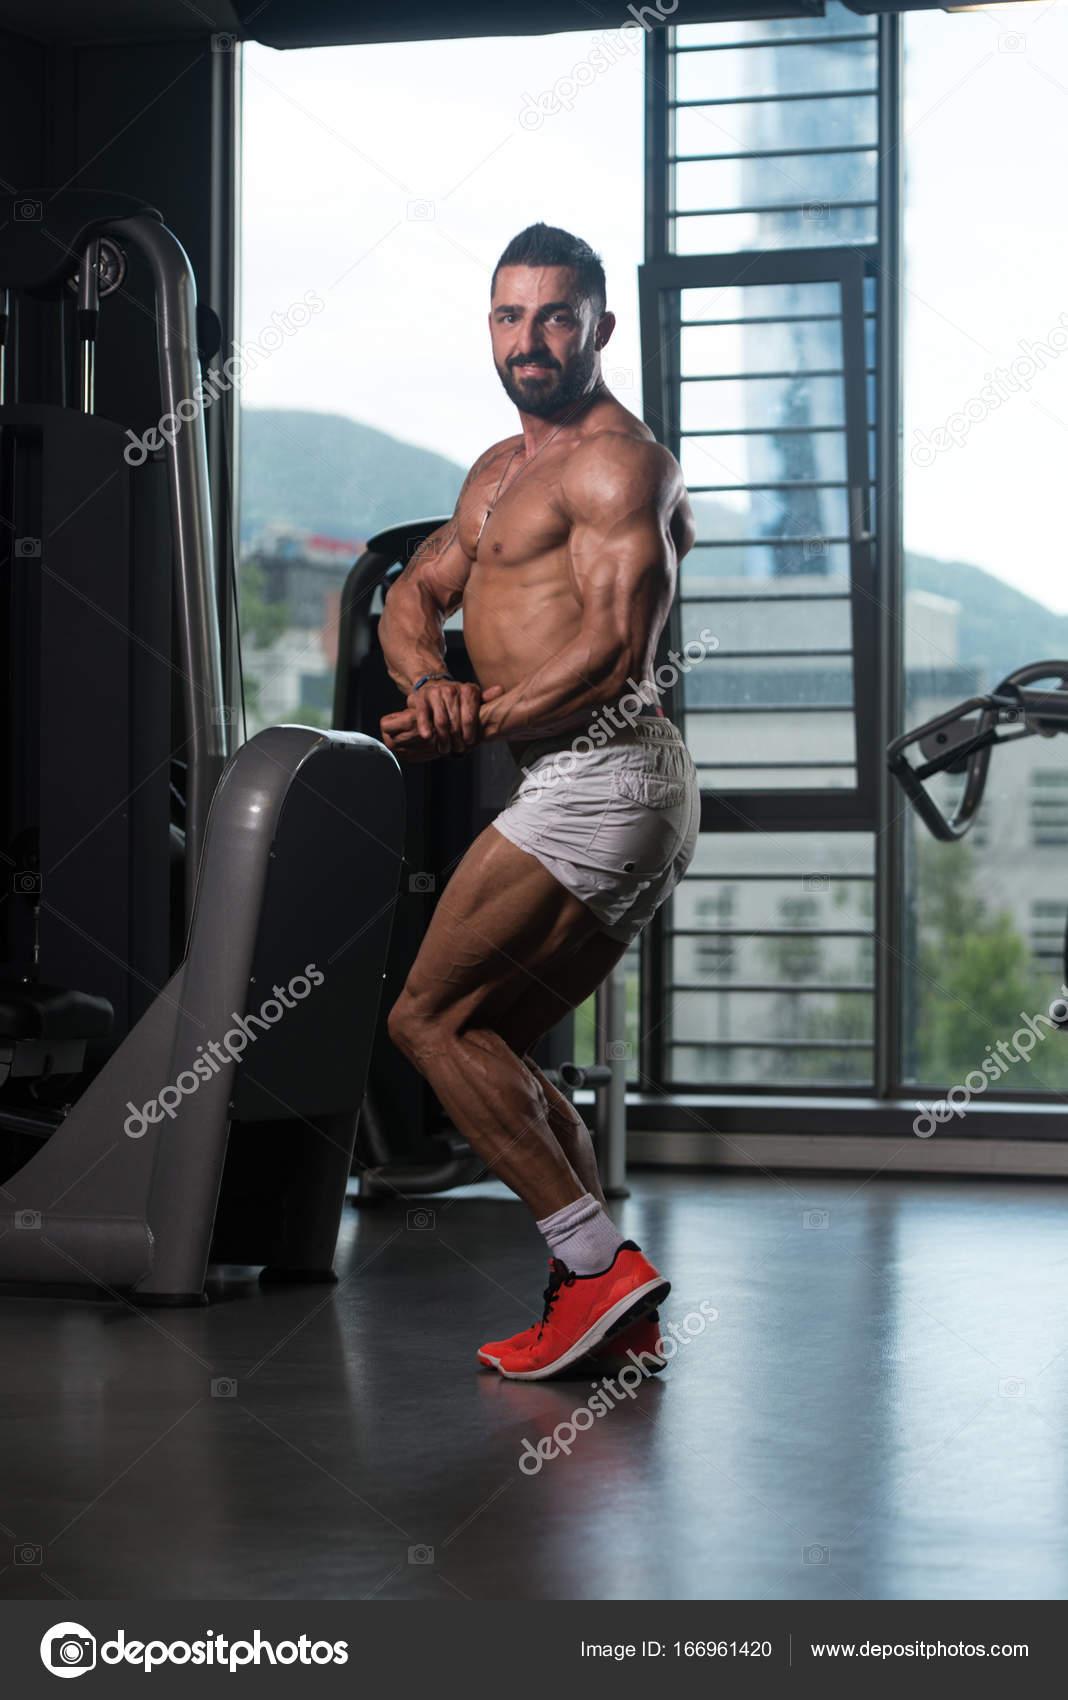 Jeunes en santé tatouent homme debout fort dans la salle de sport et des  Muscles de flexion - musculaire Bodybuilder Athletic Fitness modèle posant  après ... b87fcc377ae